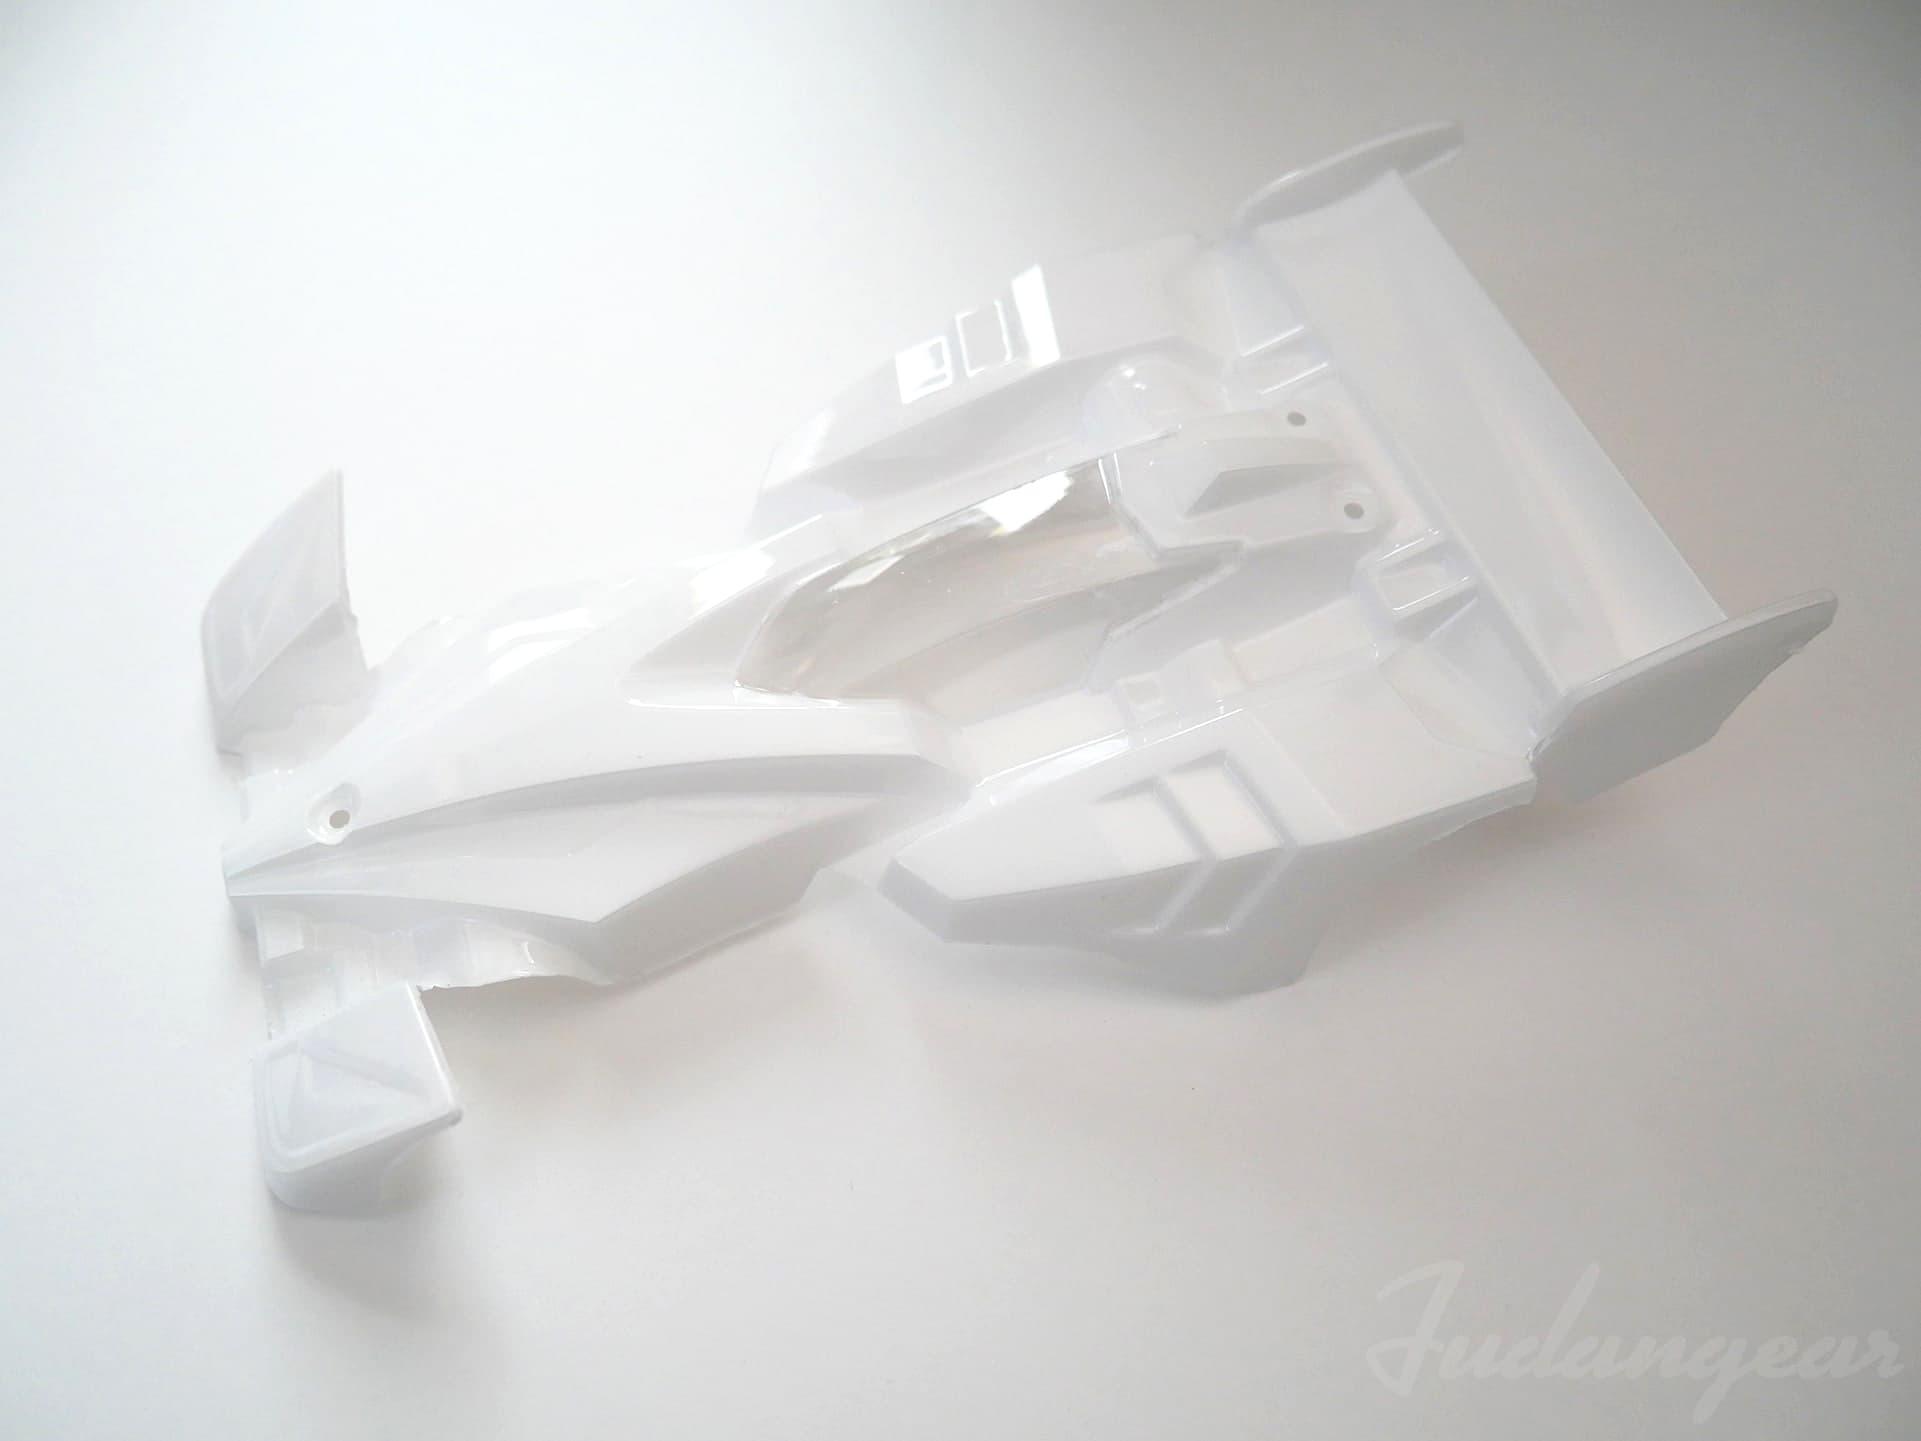 保護フィルムを剥がし終えたサイクロンマグナムメモリアルポリカボディ